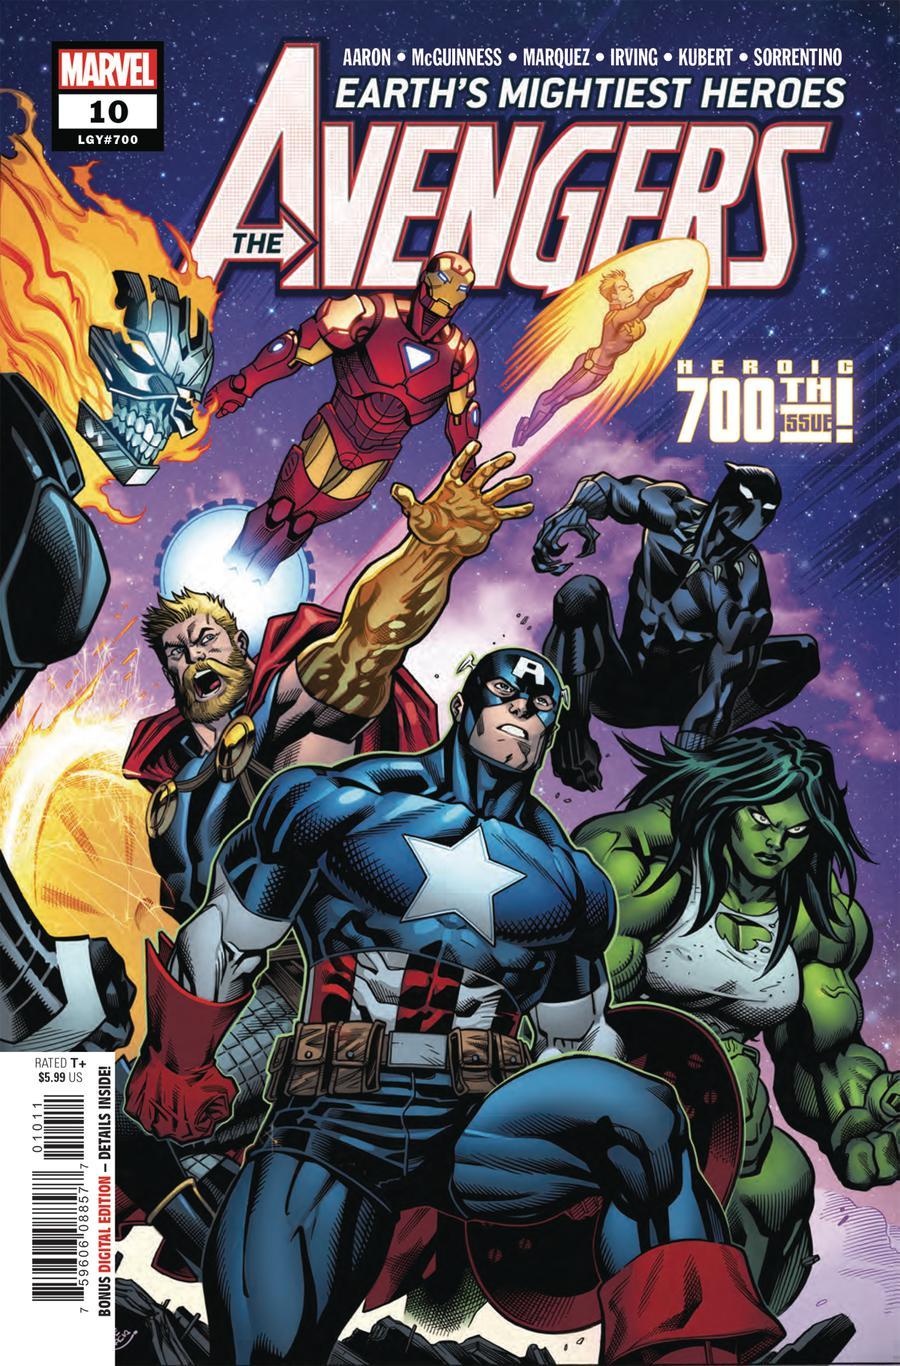 Avengers Vol 7 #10 Cover A 1st Ptg Regular Ed McGuinness Cover (#700)